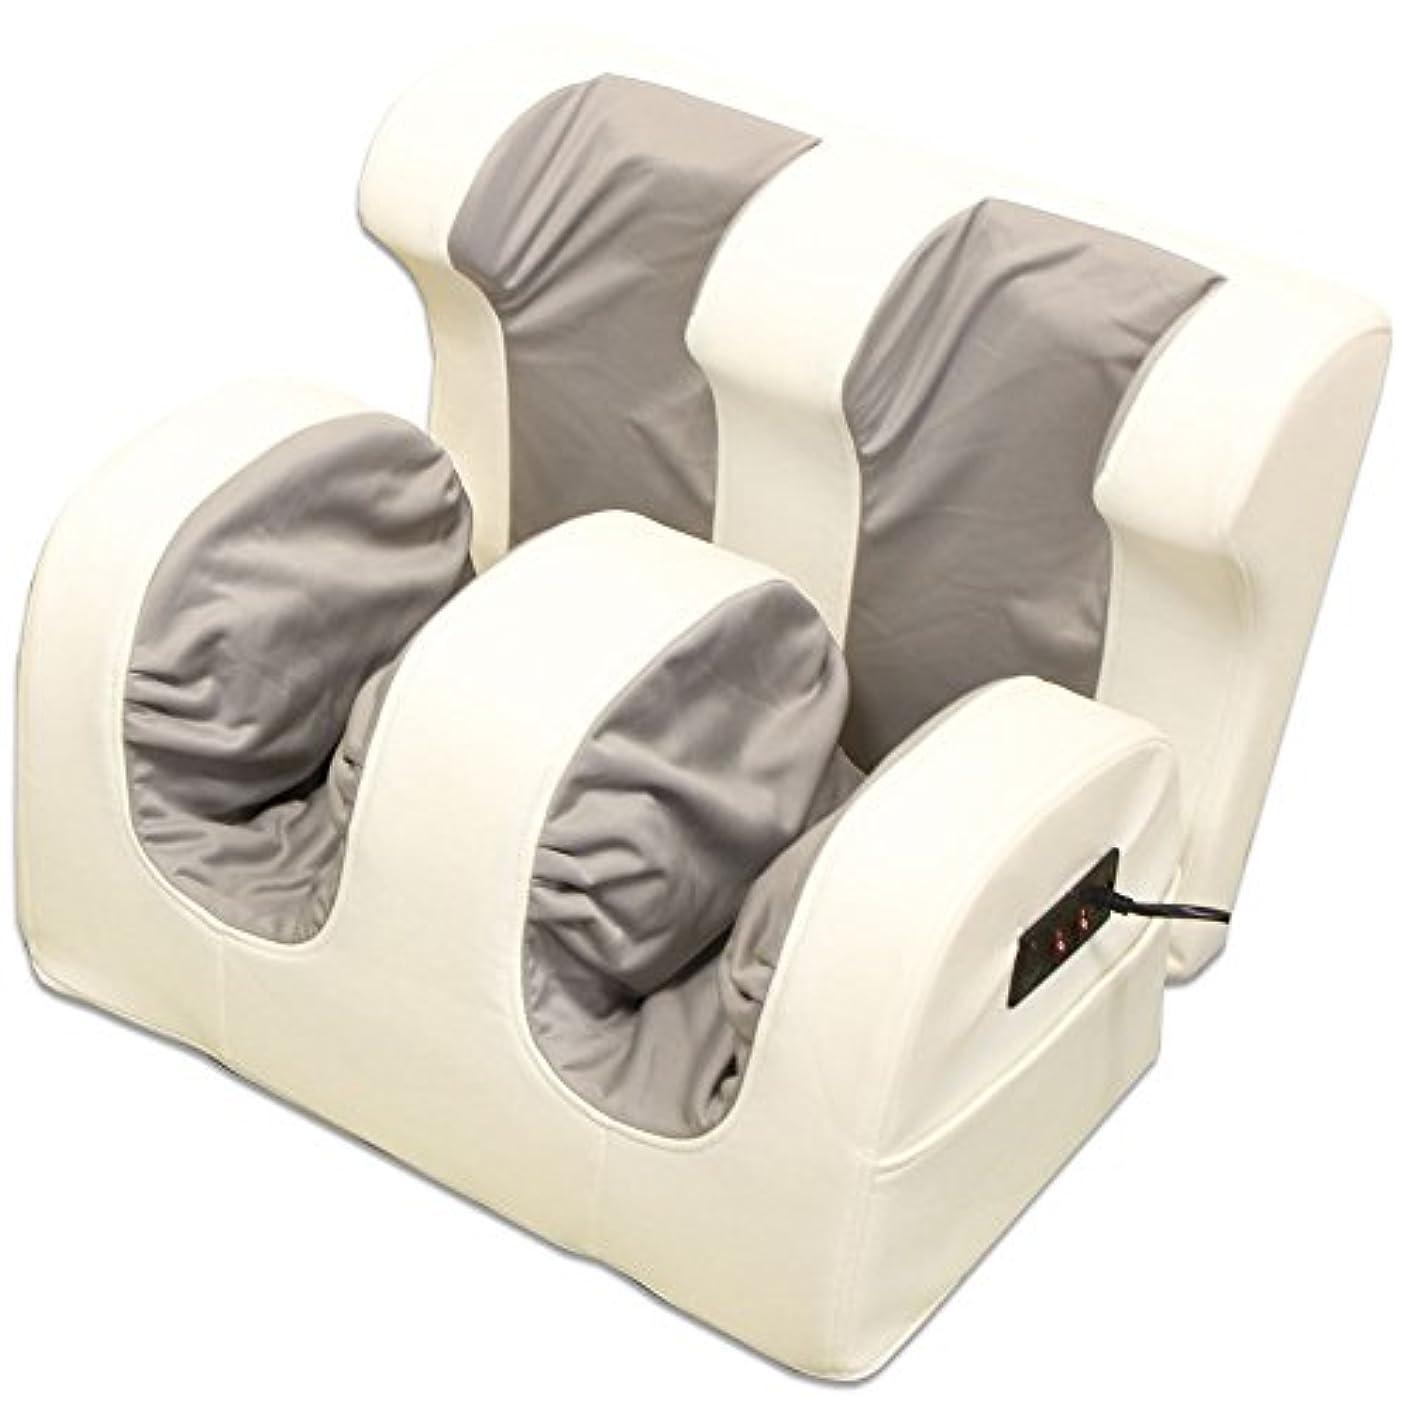 クラッシュ安価な降下足マッサージ器 ホワイト×グレー ヒーター付き 白 足裏 ふくらはぎ 引き締め 揉み上げ 家庭用 マッサージ機